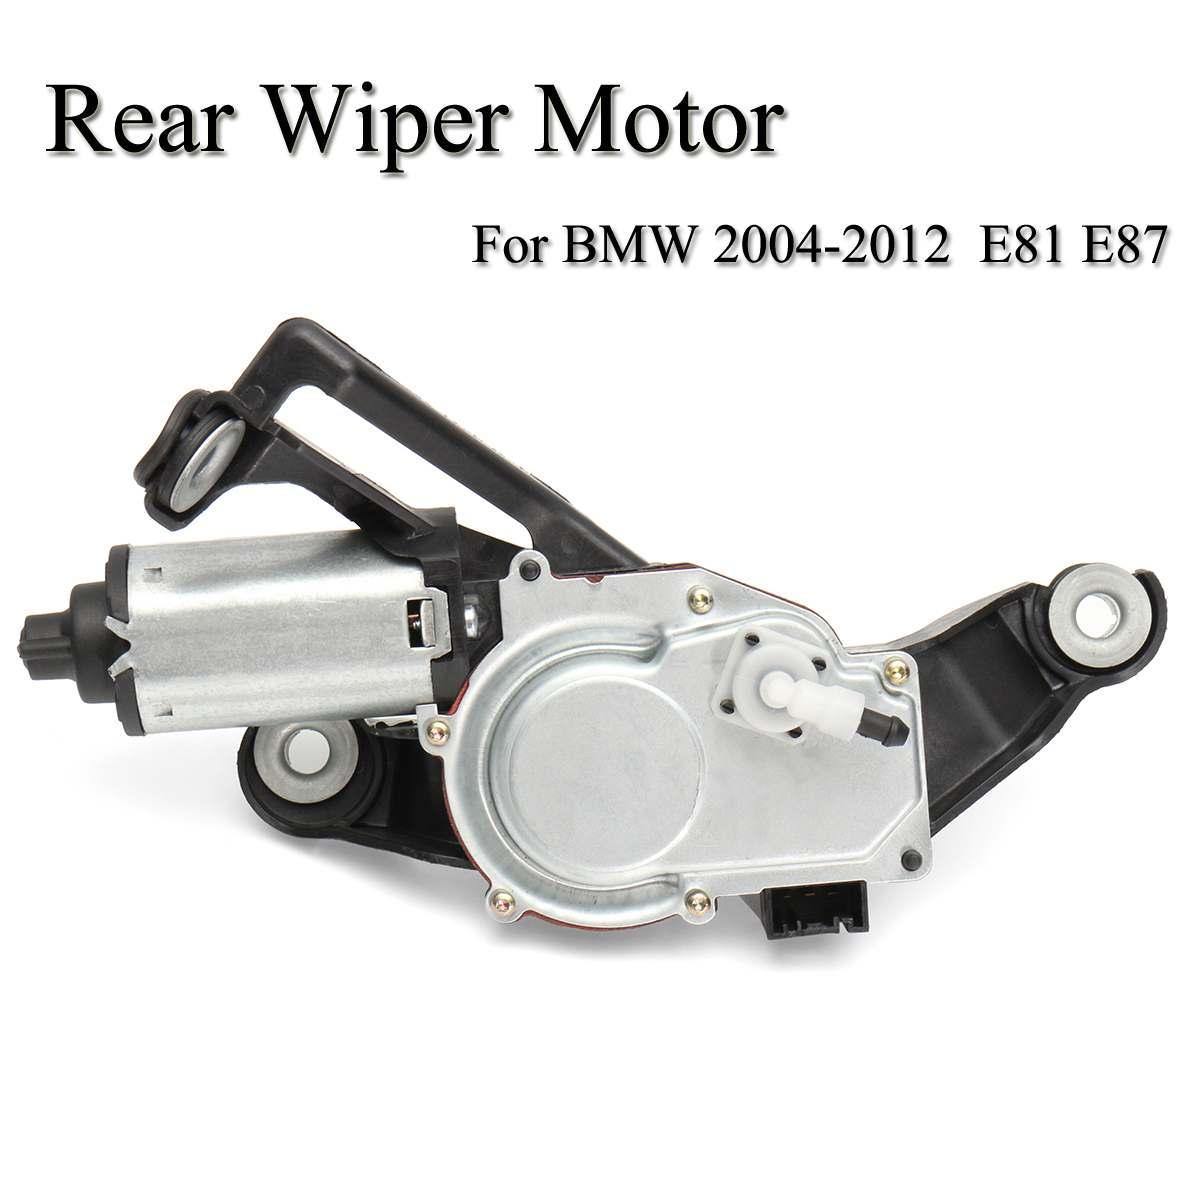 Автомобильный Черный заднего стекла двигателя для BMW 1 серии E81 E87 модели хэтчбек 2003-2012